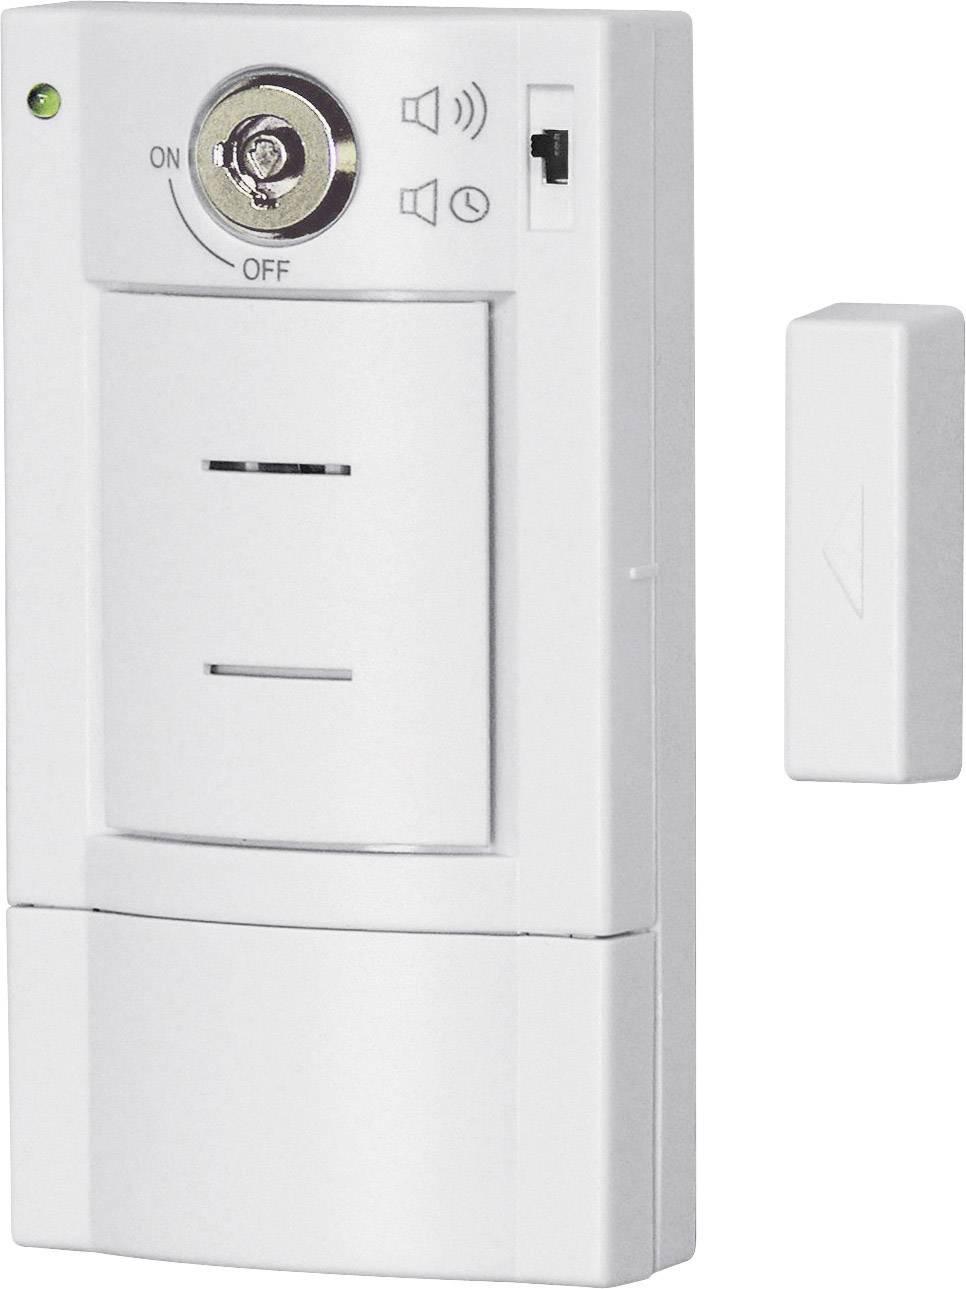 Dverový alarm DG6 33609, 95 dB